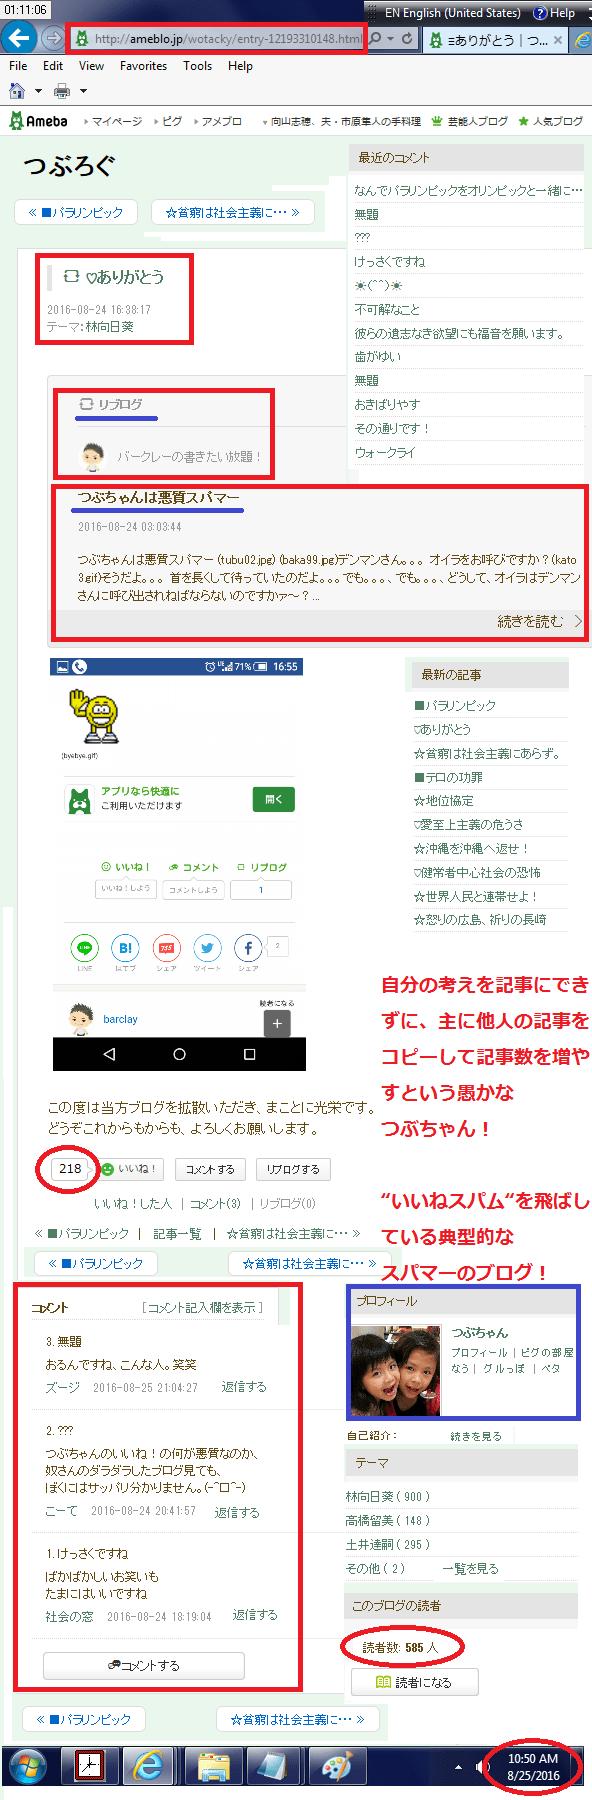 つぶちゃんは悪質スパマーのブログのページ